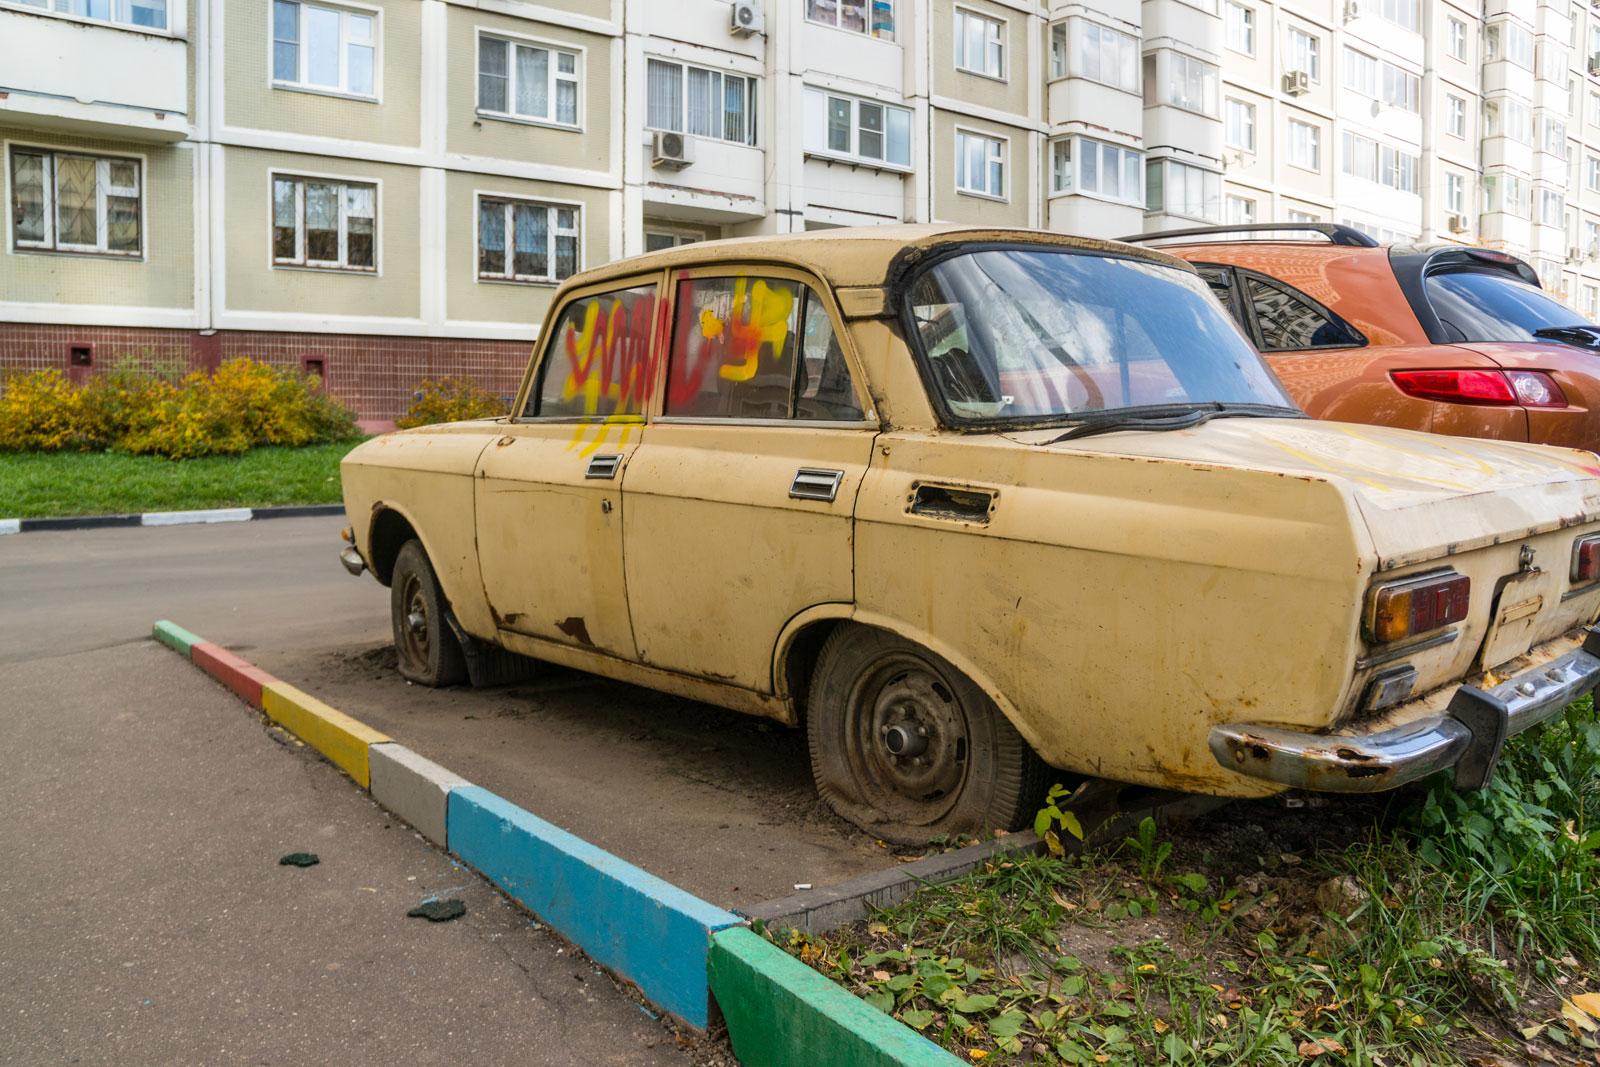 Во дворе годами стоит брошенный автомобиль. Что делать и как его убрать?